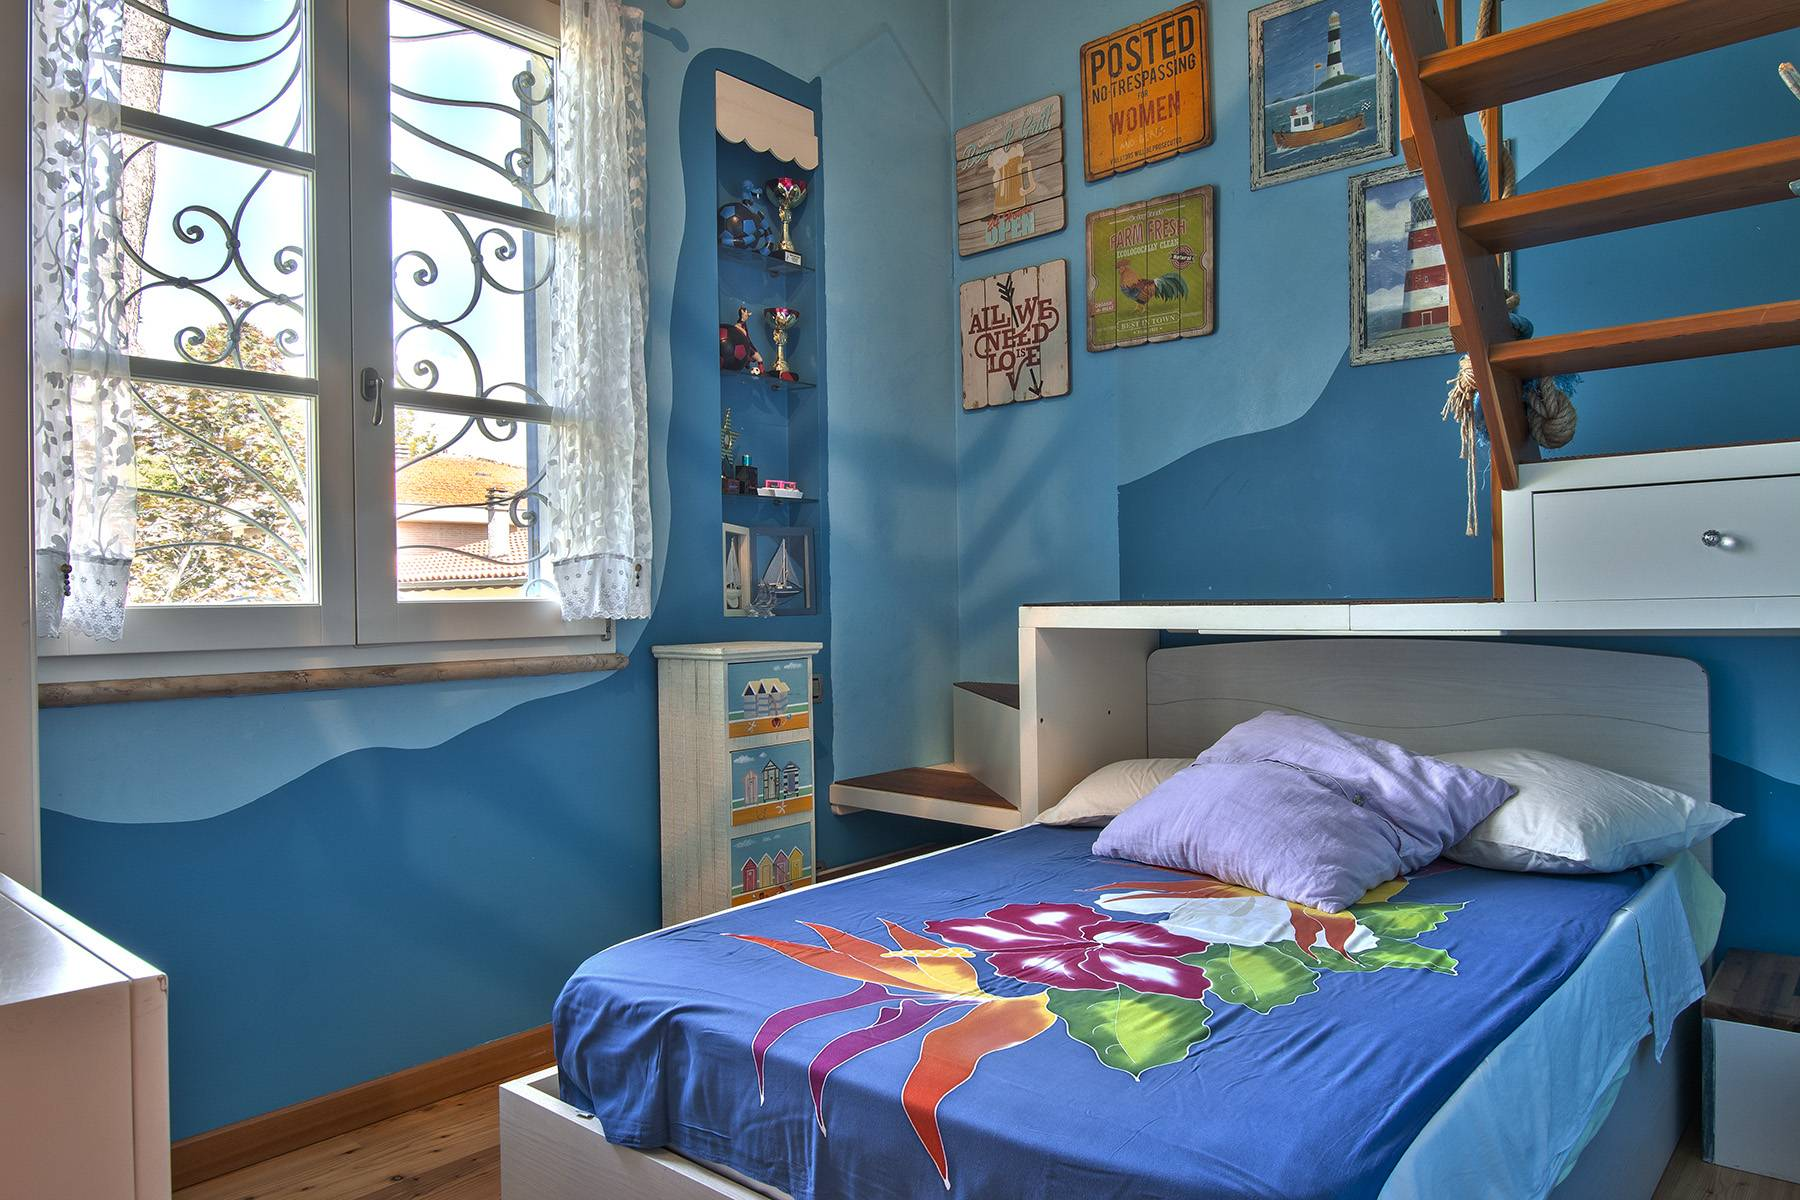 Casa indipendente in Vendita a Pietrasanta: 5 locali, 180 mq - Foto 11